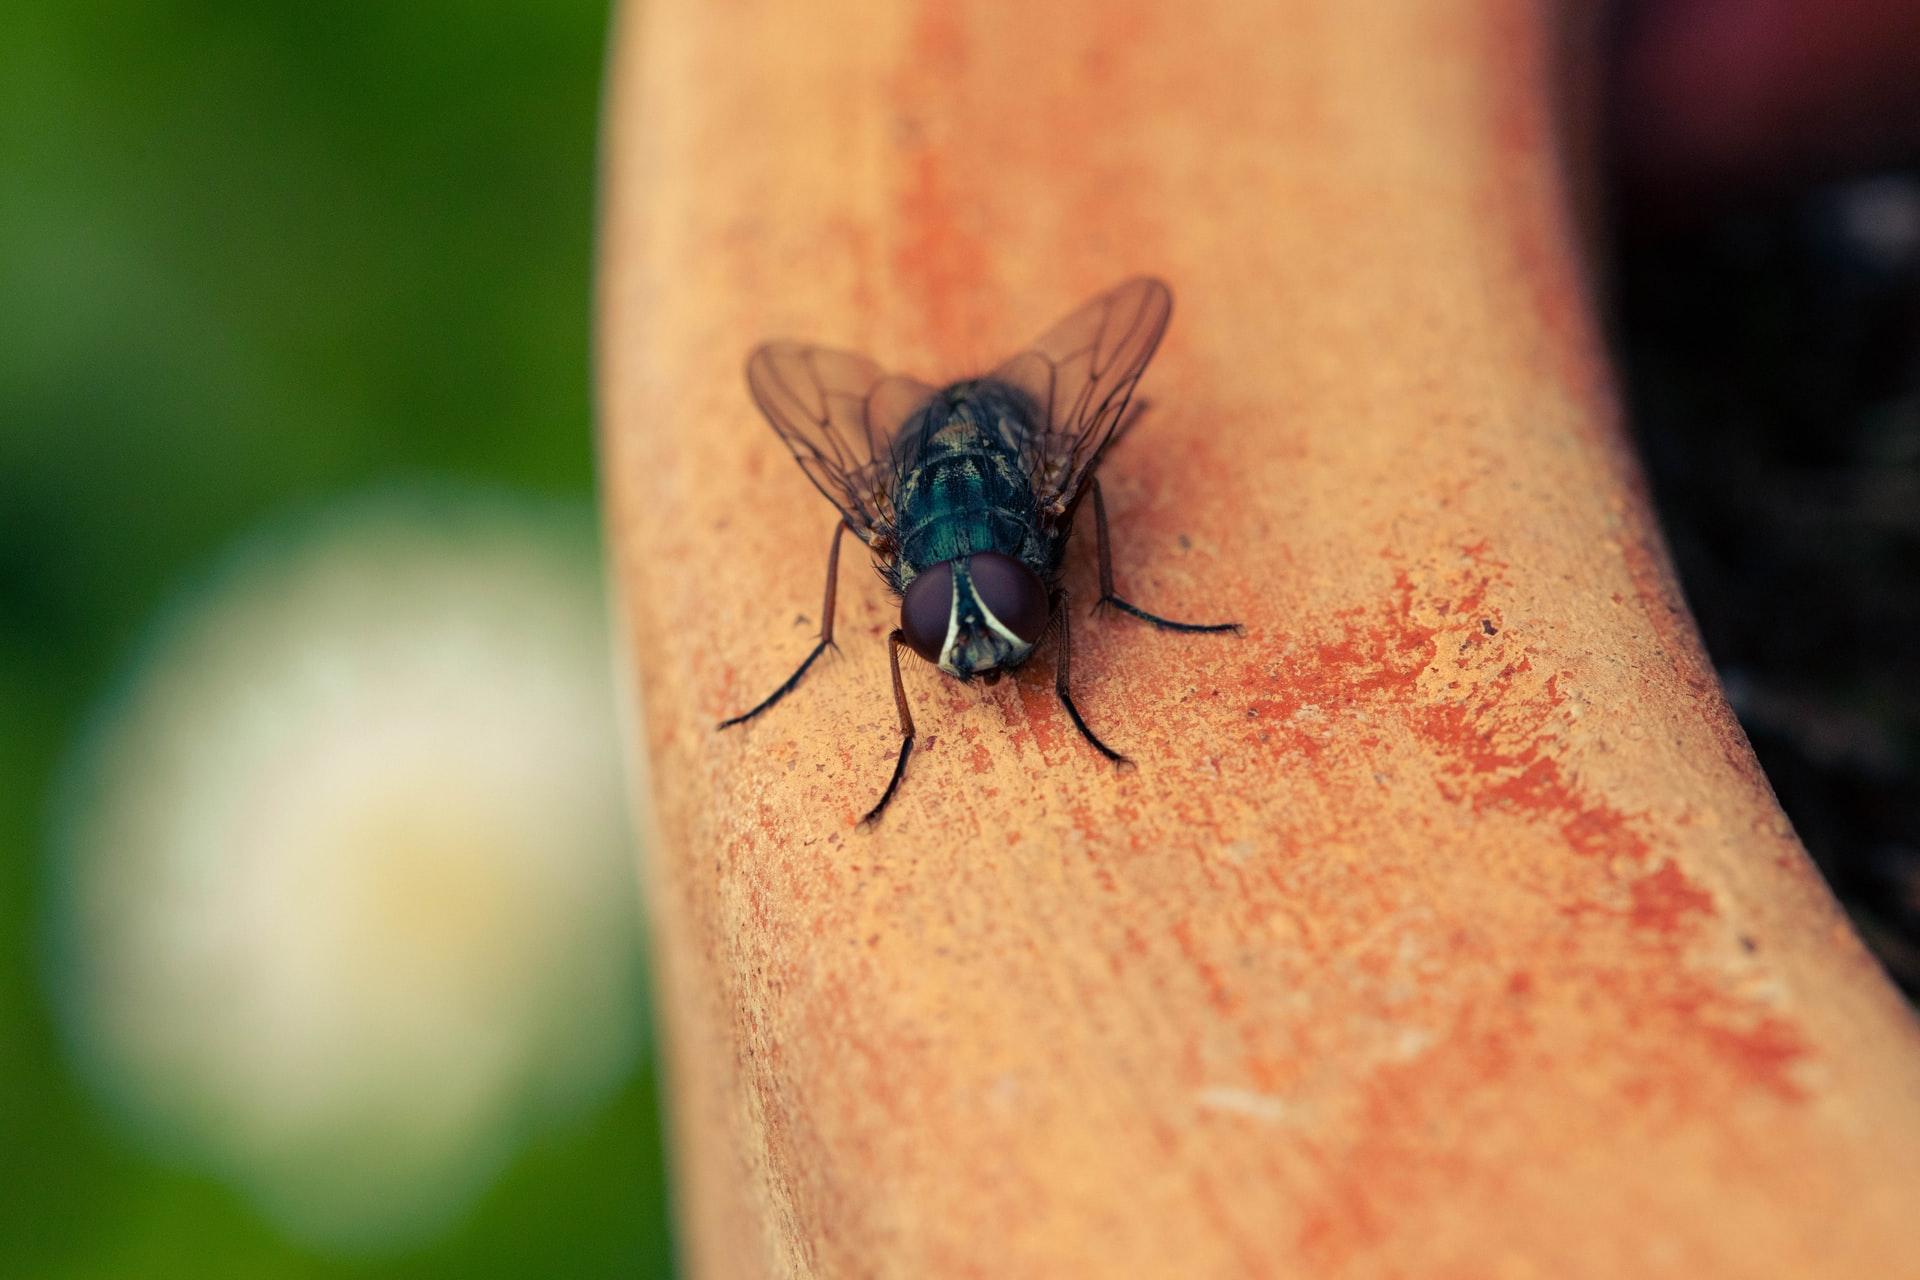 İBB'den İstanbullulara uyarı mesajı! Bu tavsiyelere uymazsanız sivrisineklerle başınız büyük dertte!